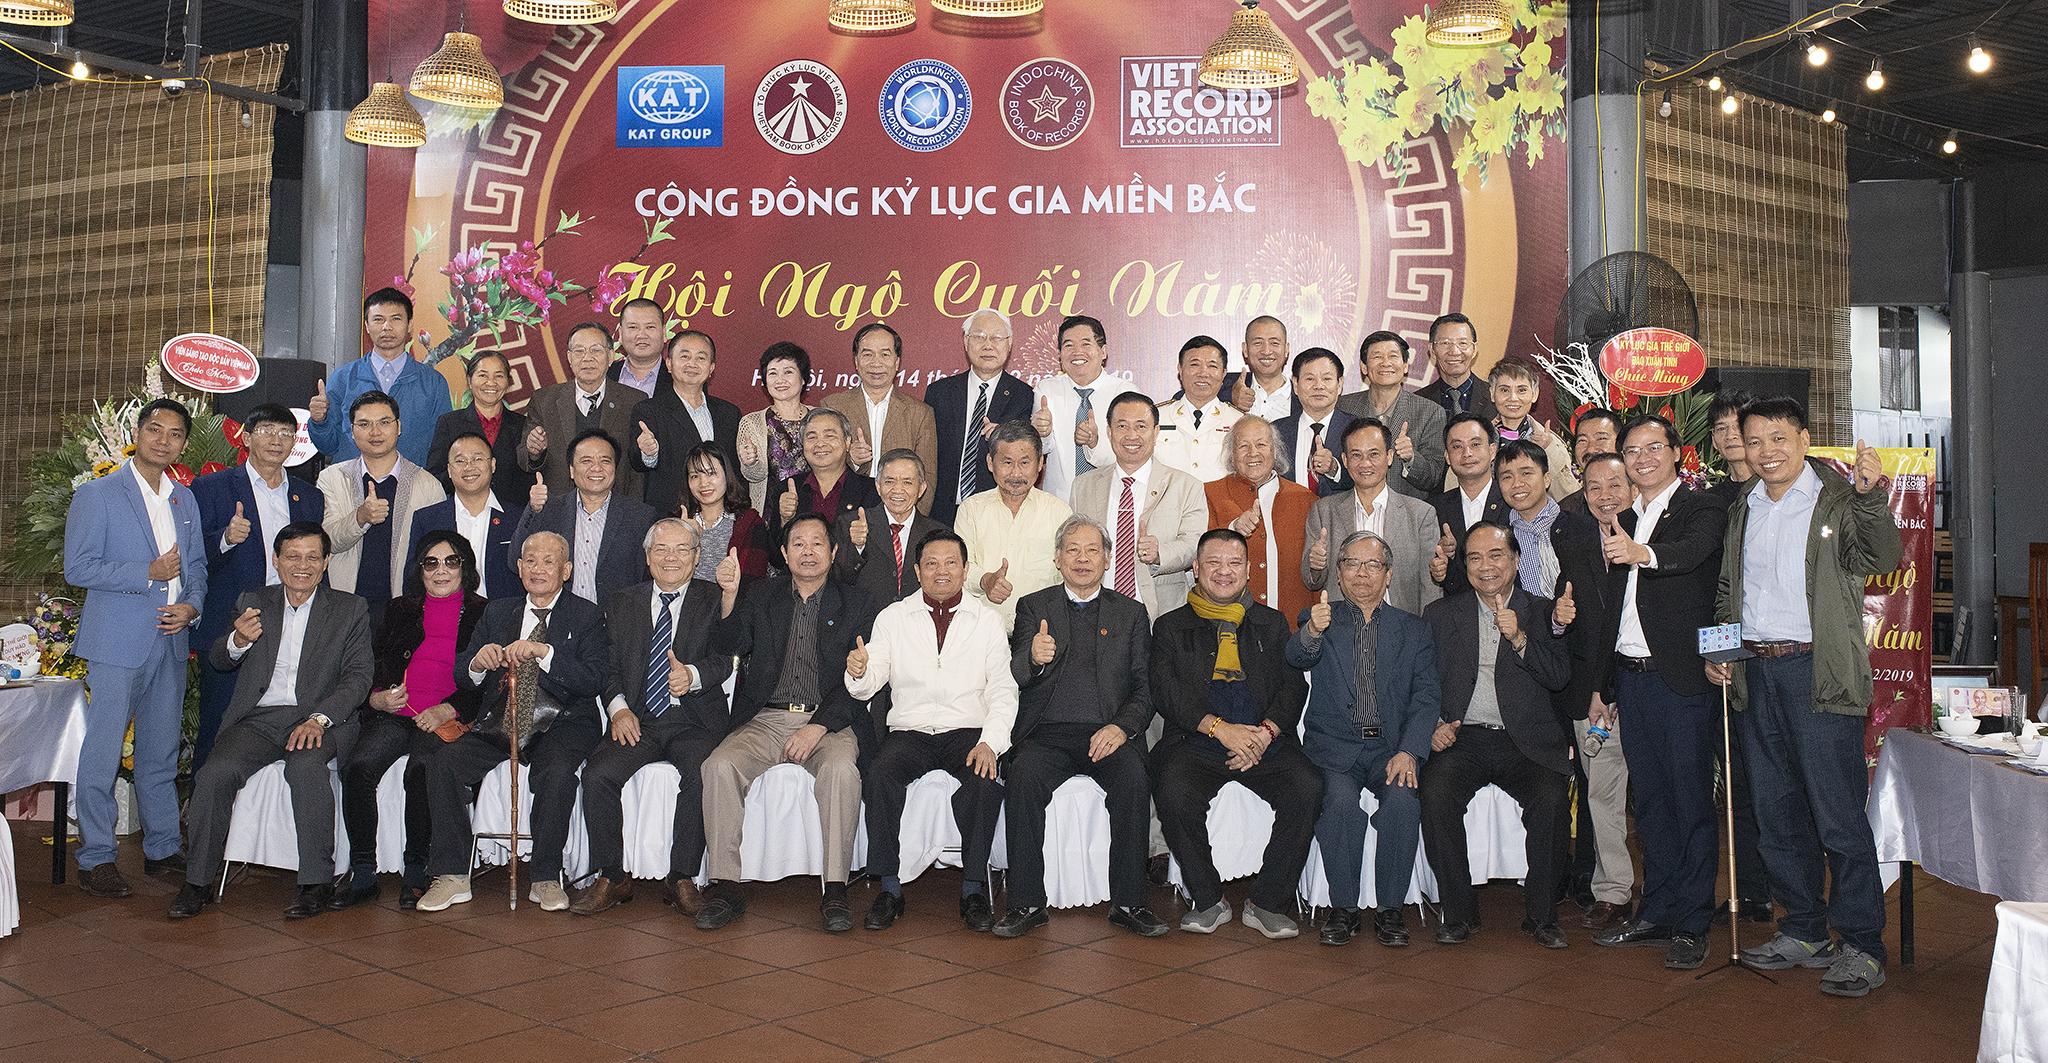 Buổi Hội ngộ, gặp mặt cuối năm cộng đồng Kỷ lục Gia Miền Bắc năm 2019 do VP Kỷ lục Miền Bắc tổ chức.